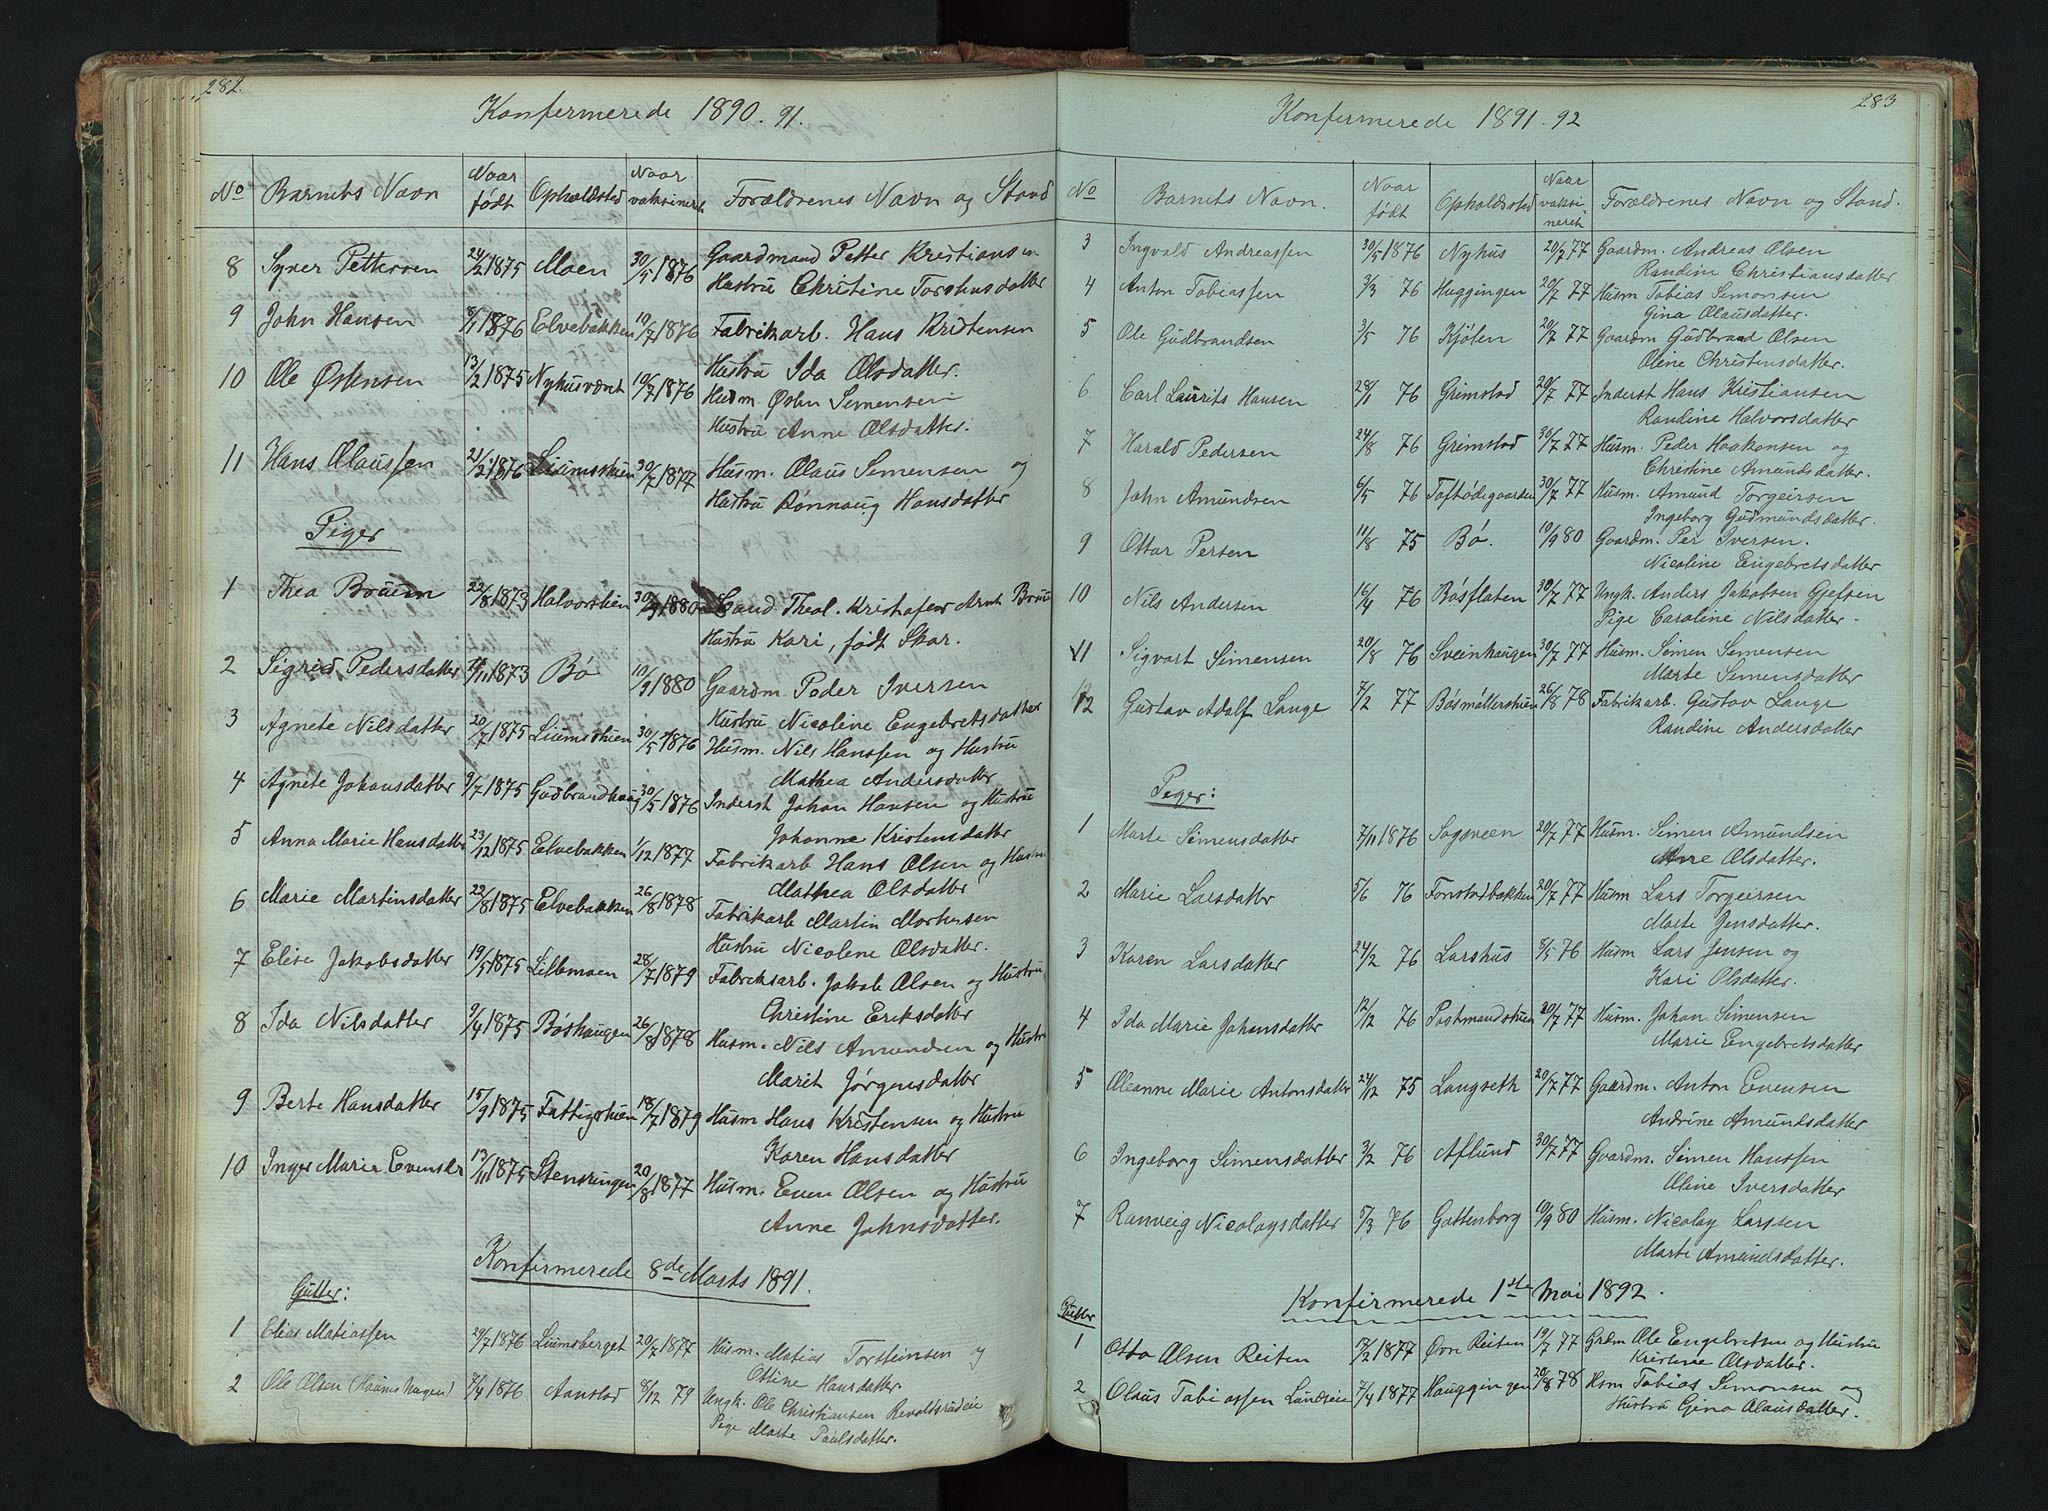 SAH, Gausdal prestekontor, Klokkerbok nr. 6, 1846-1893, s. 282-283